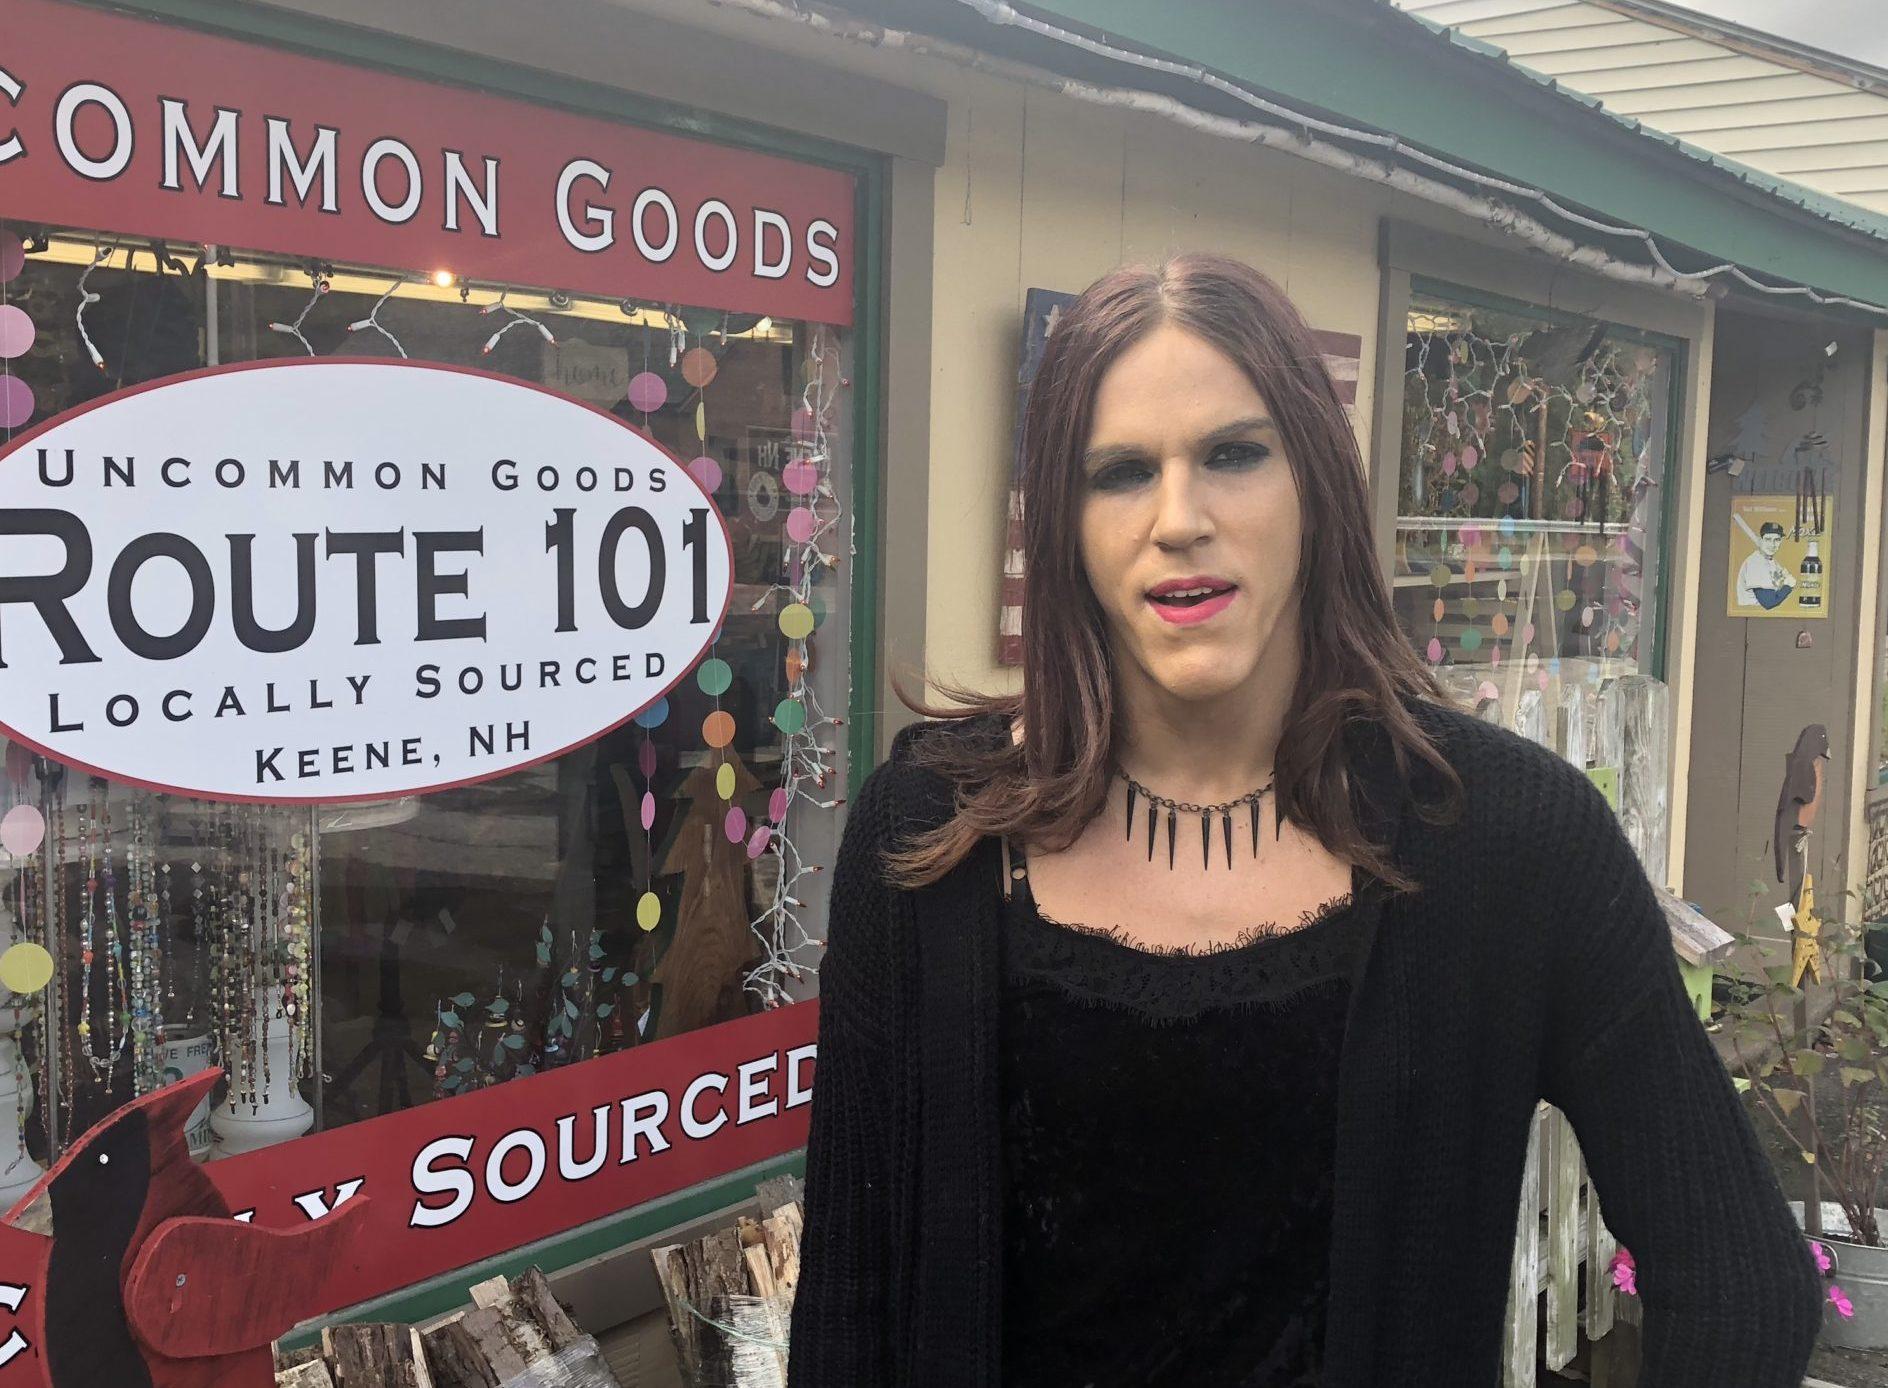 транссексуал сатанист кандидат от республиканской партии отвратительные мужики понедельник начинается с дичи